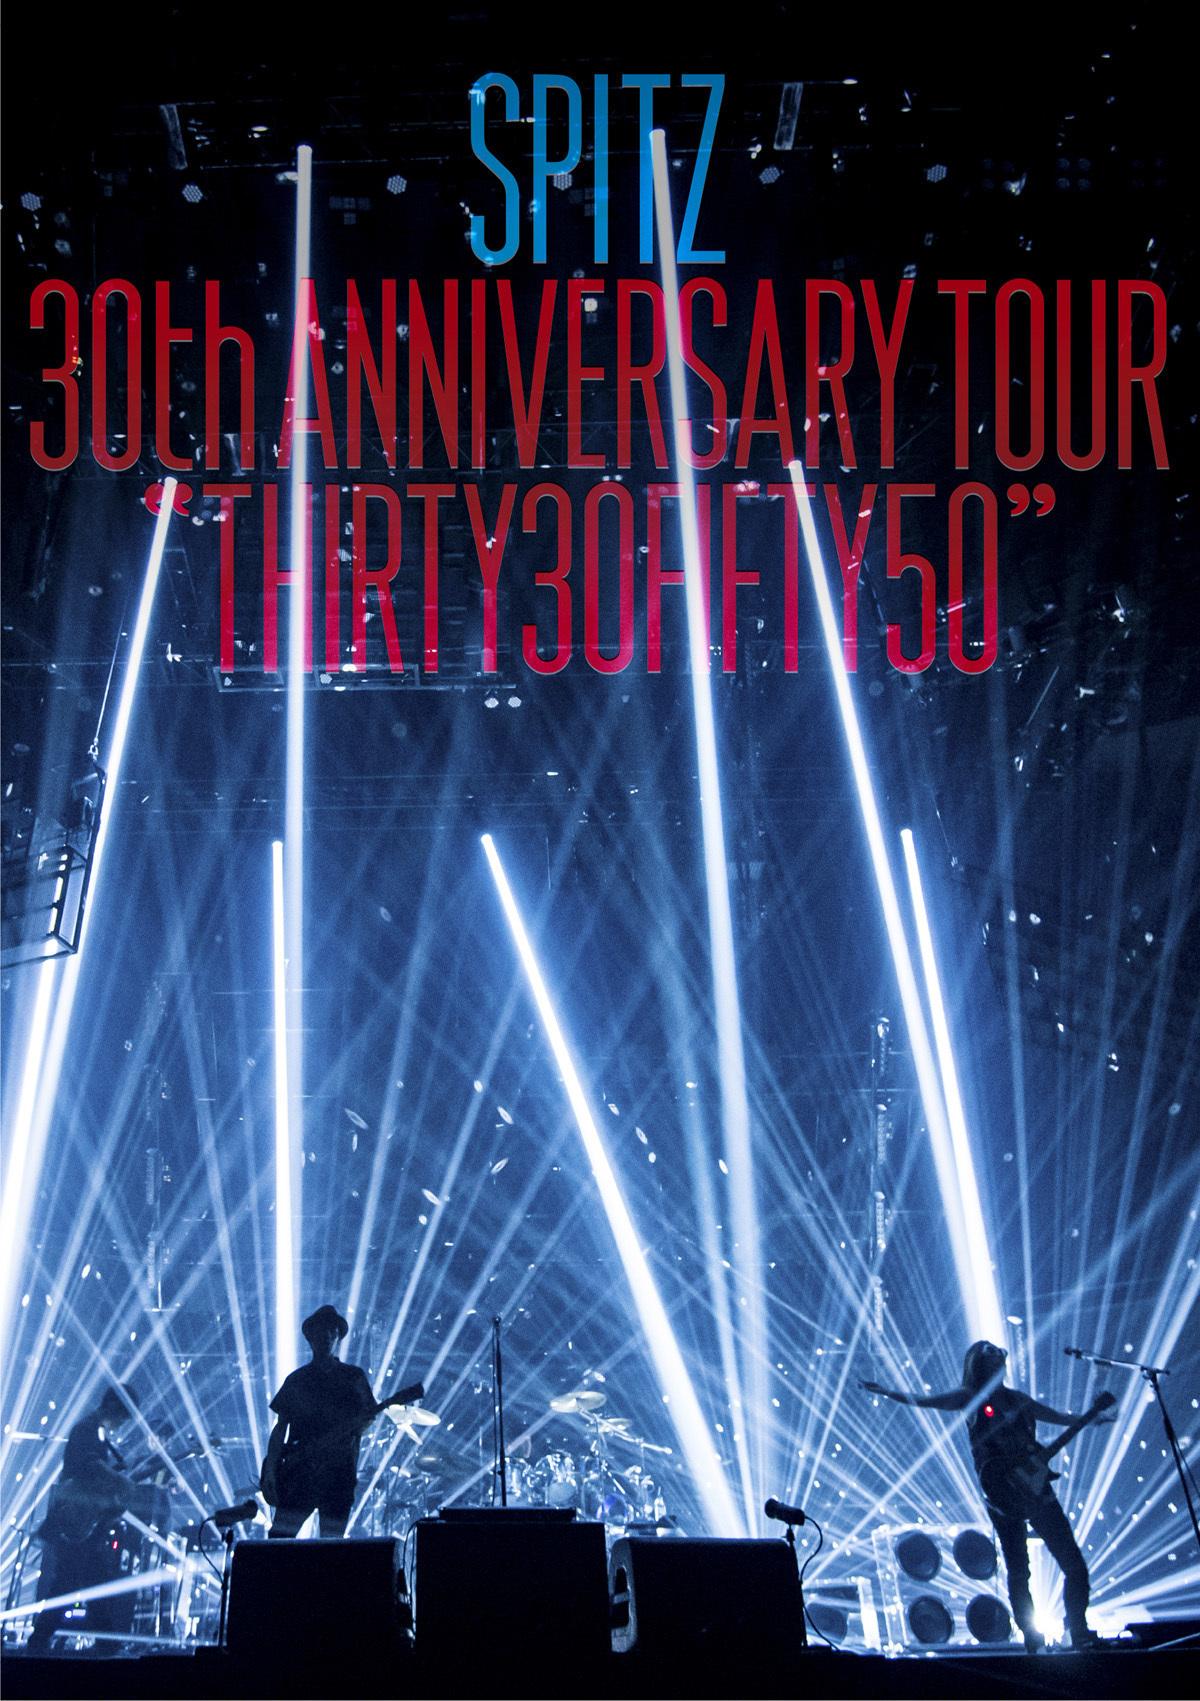 今週の一枚 スピッツ Spitz 30th Anniversary Tour Thirty30fifty50 17 12 26 邦楽ニュース 音楽情報サイトrockinon Com ロッキング オン ドットコム